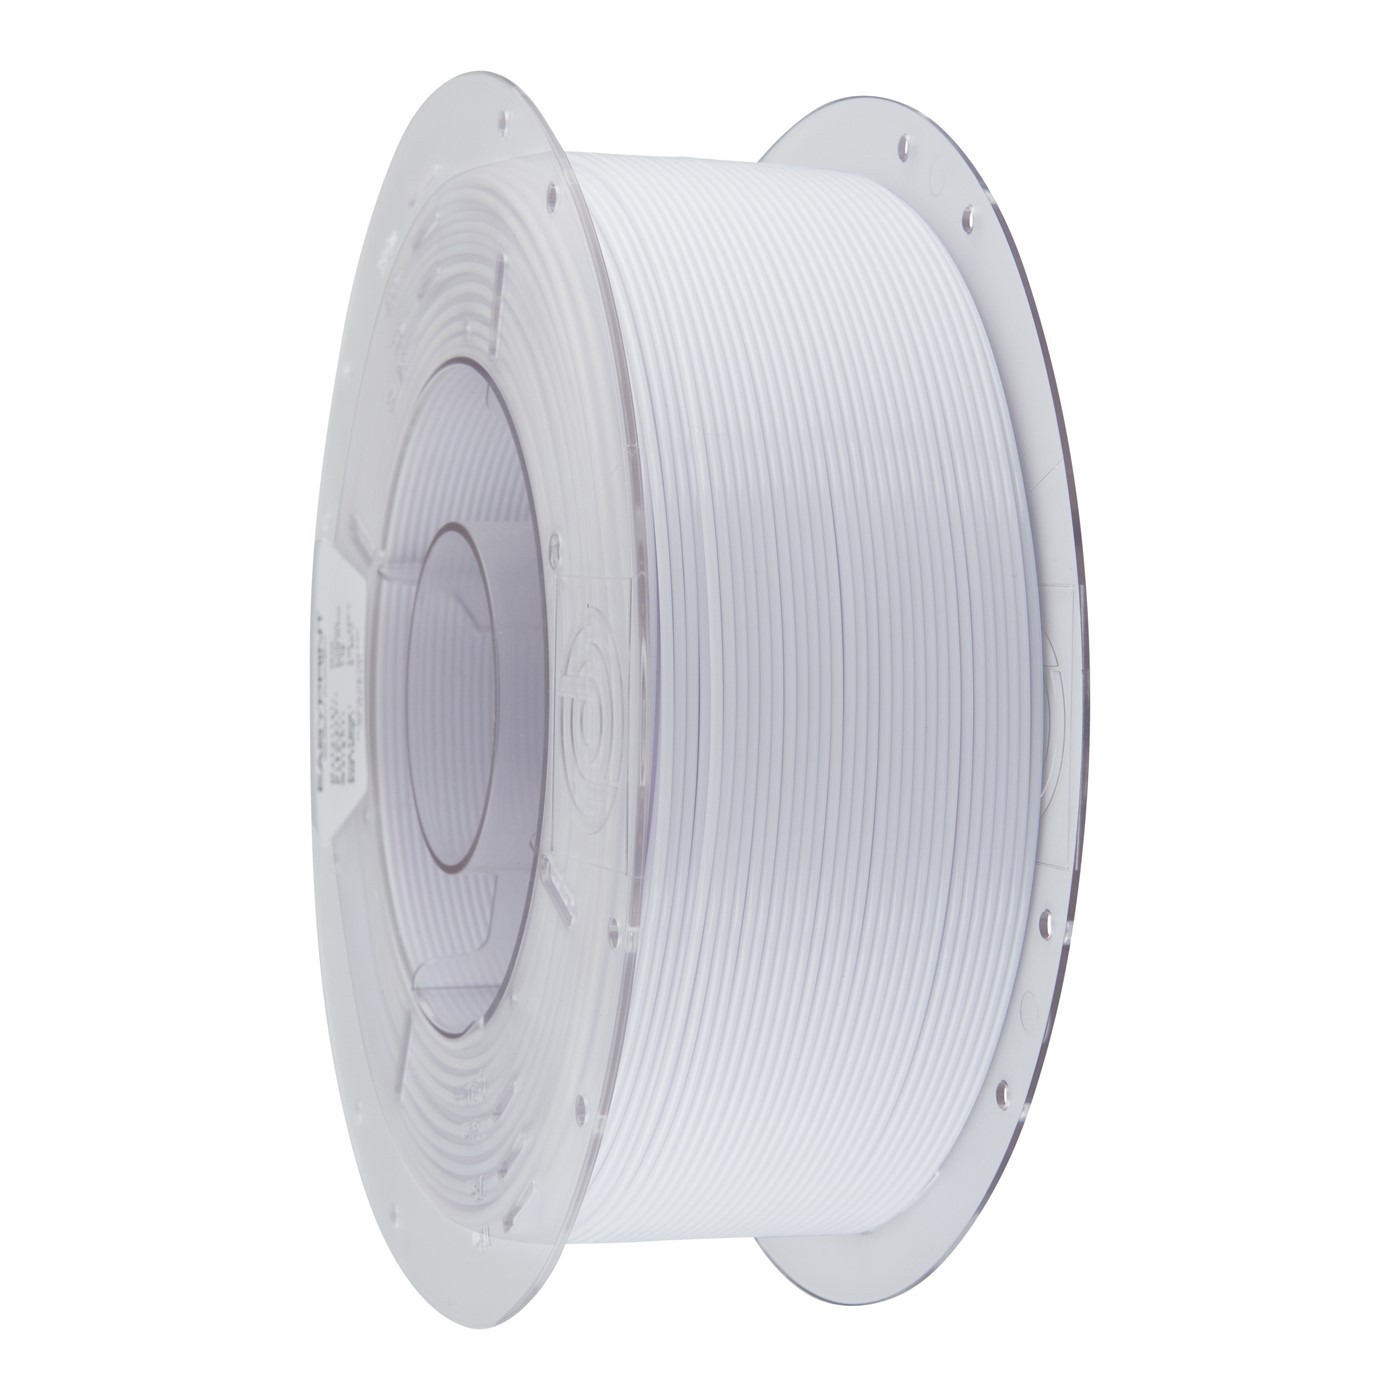 EasyPrint PETG - 1.75mm - 1 kg - Solid Vit